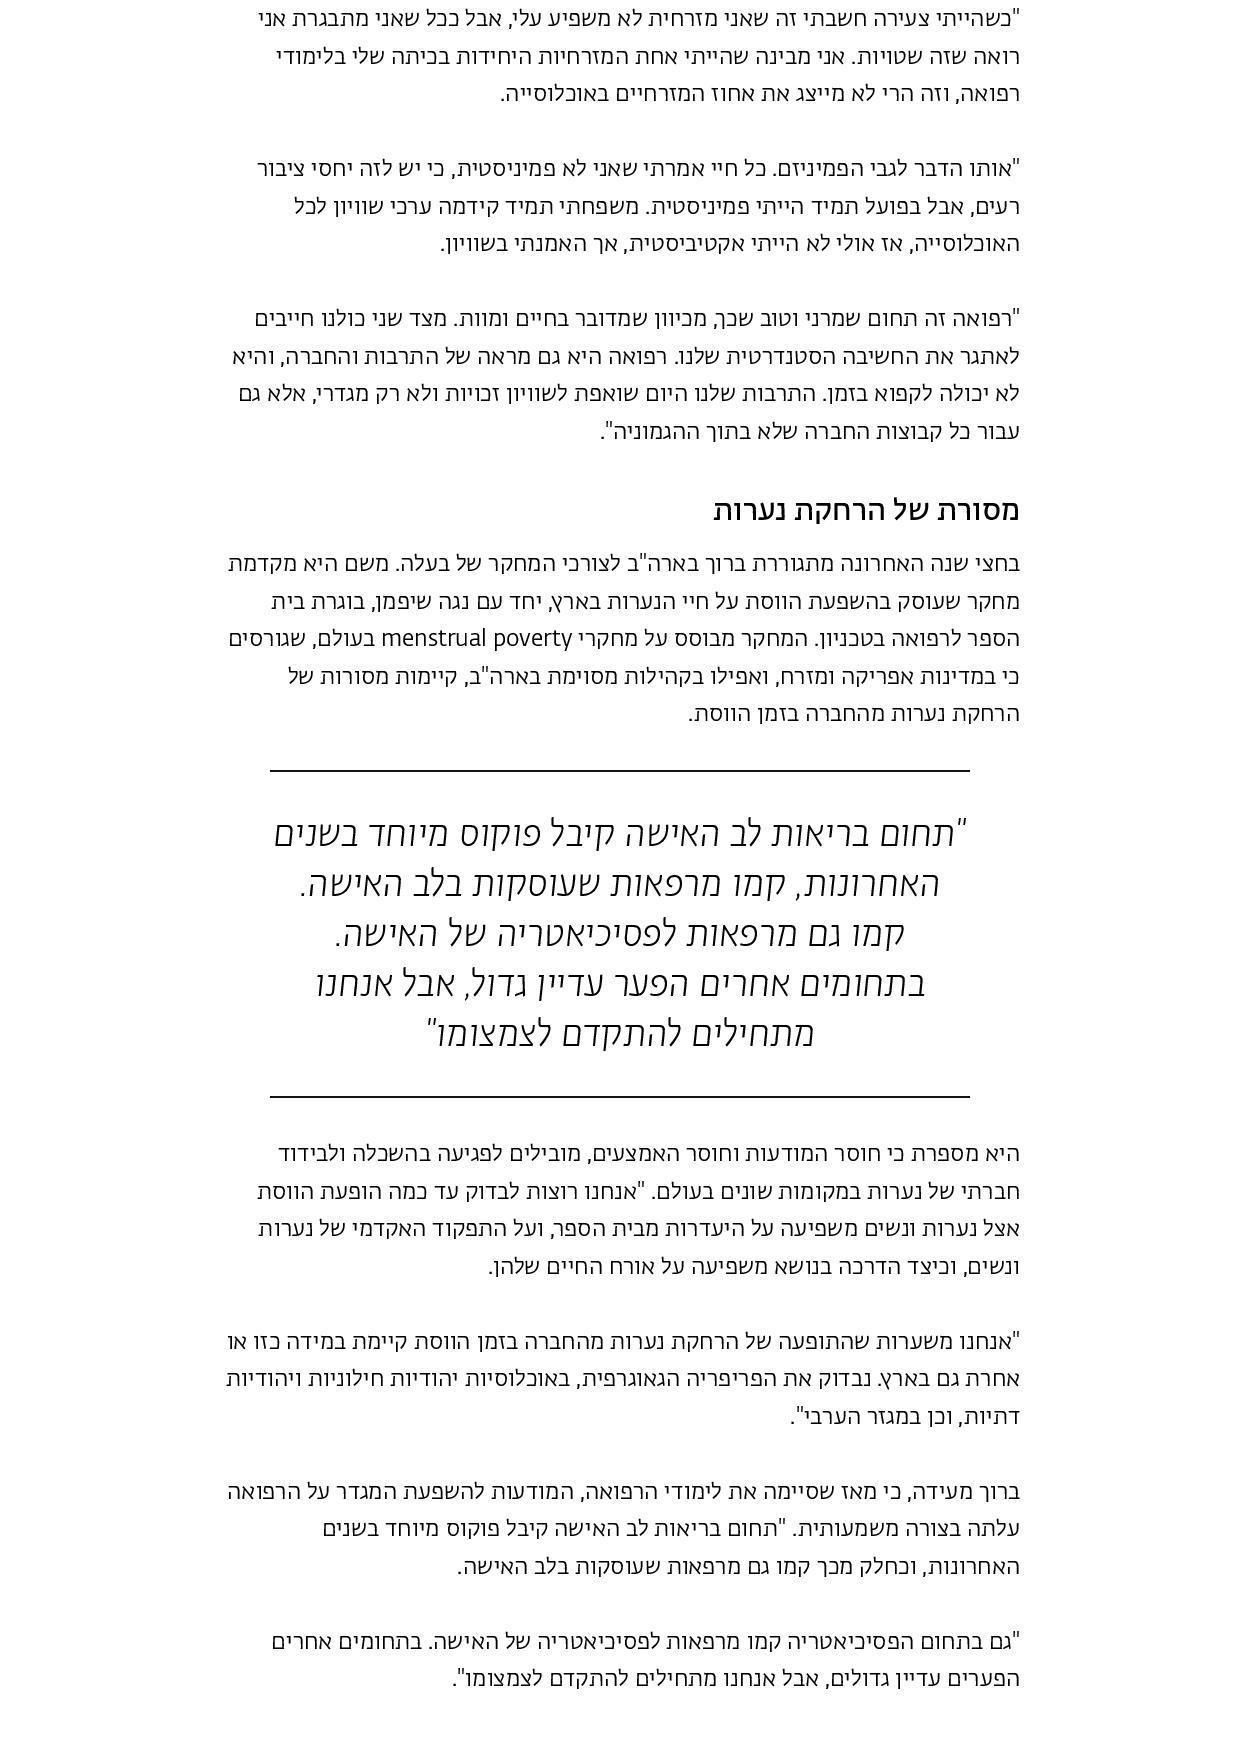 ד_ר ליאור ברוך מביאה את מהפכת הרפואה הפמיניסטית לישראל _ זמן ישראל-page-005